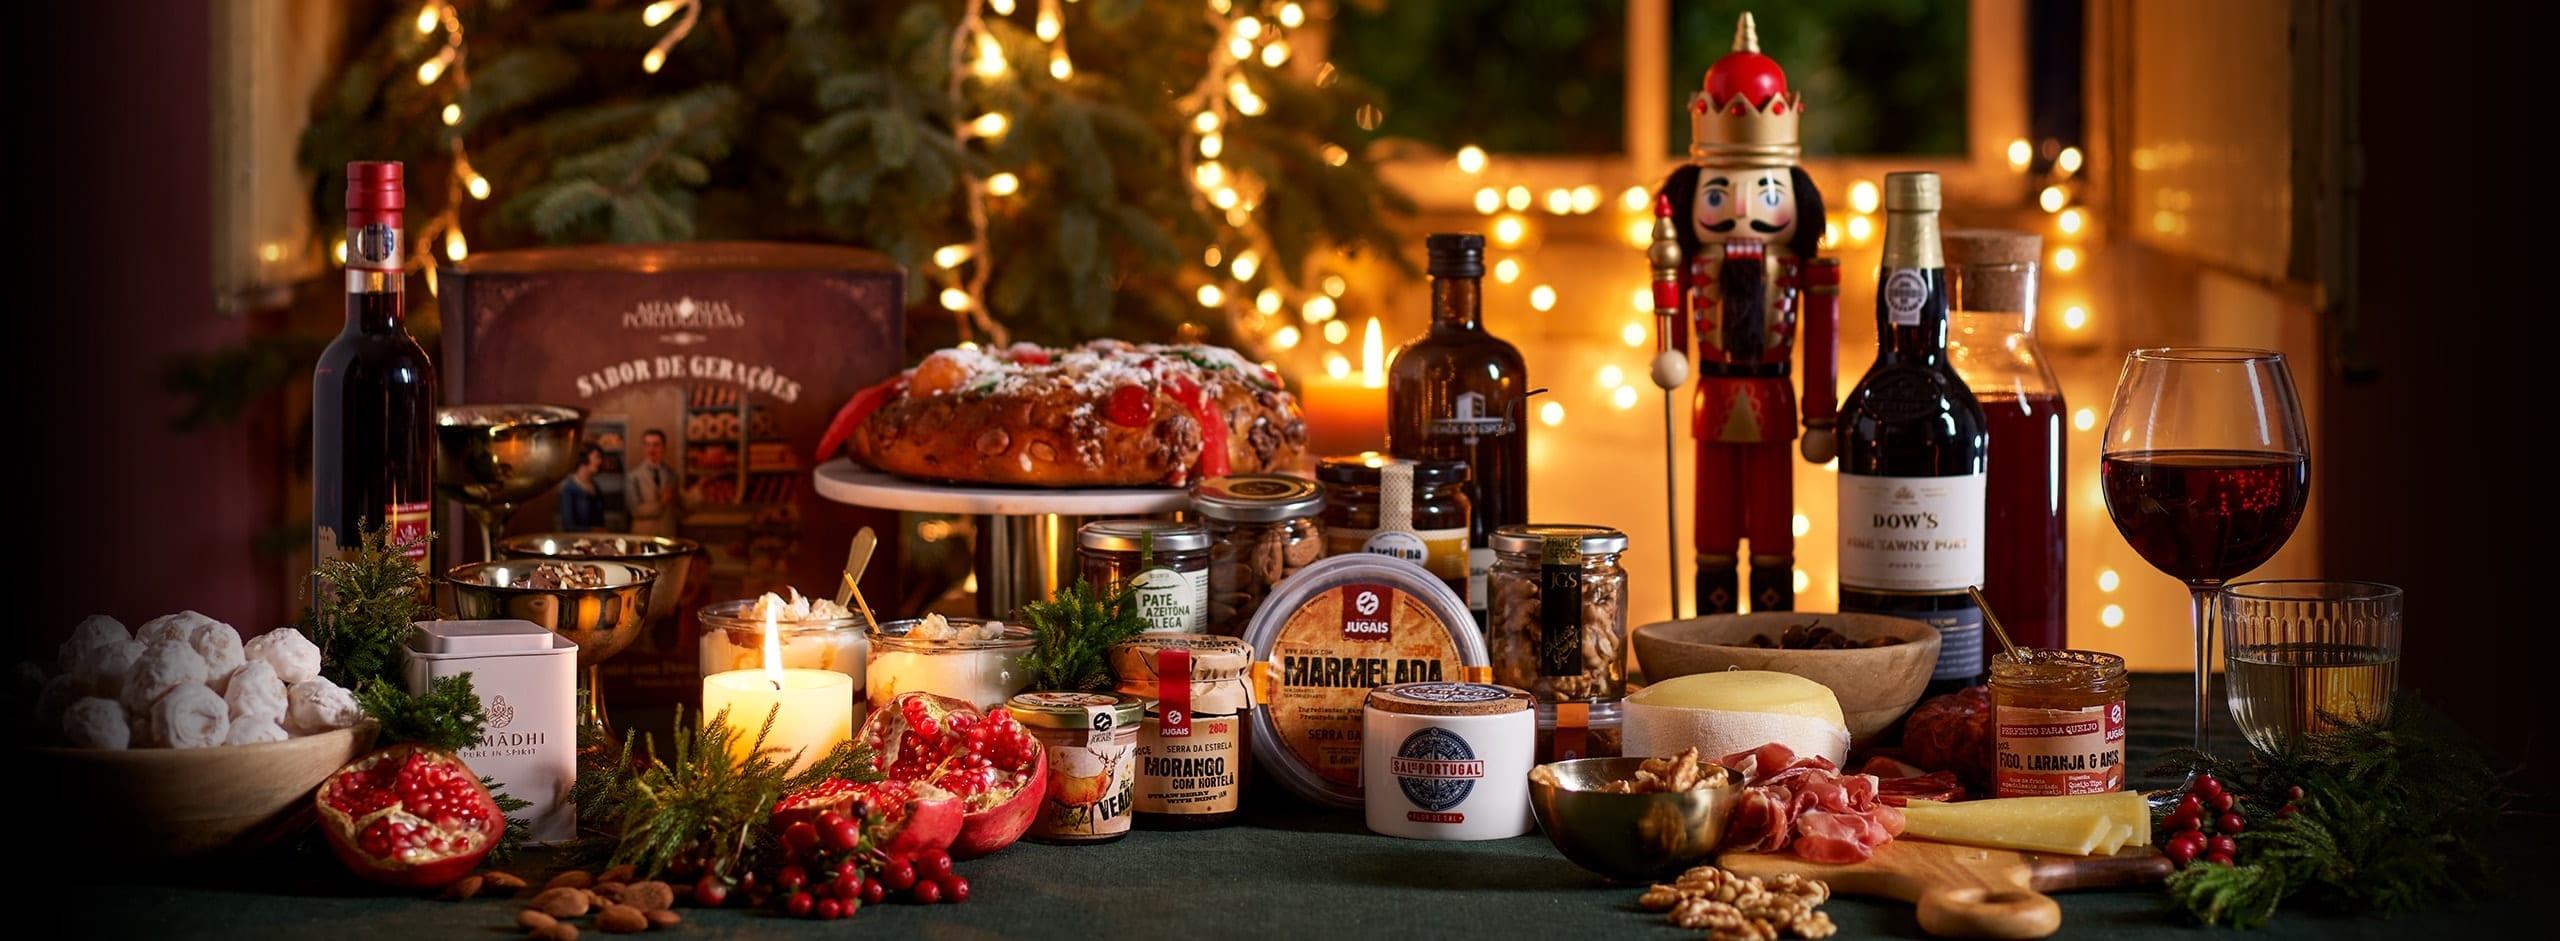 Cabazes de Jantar de Natal